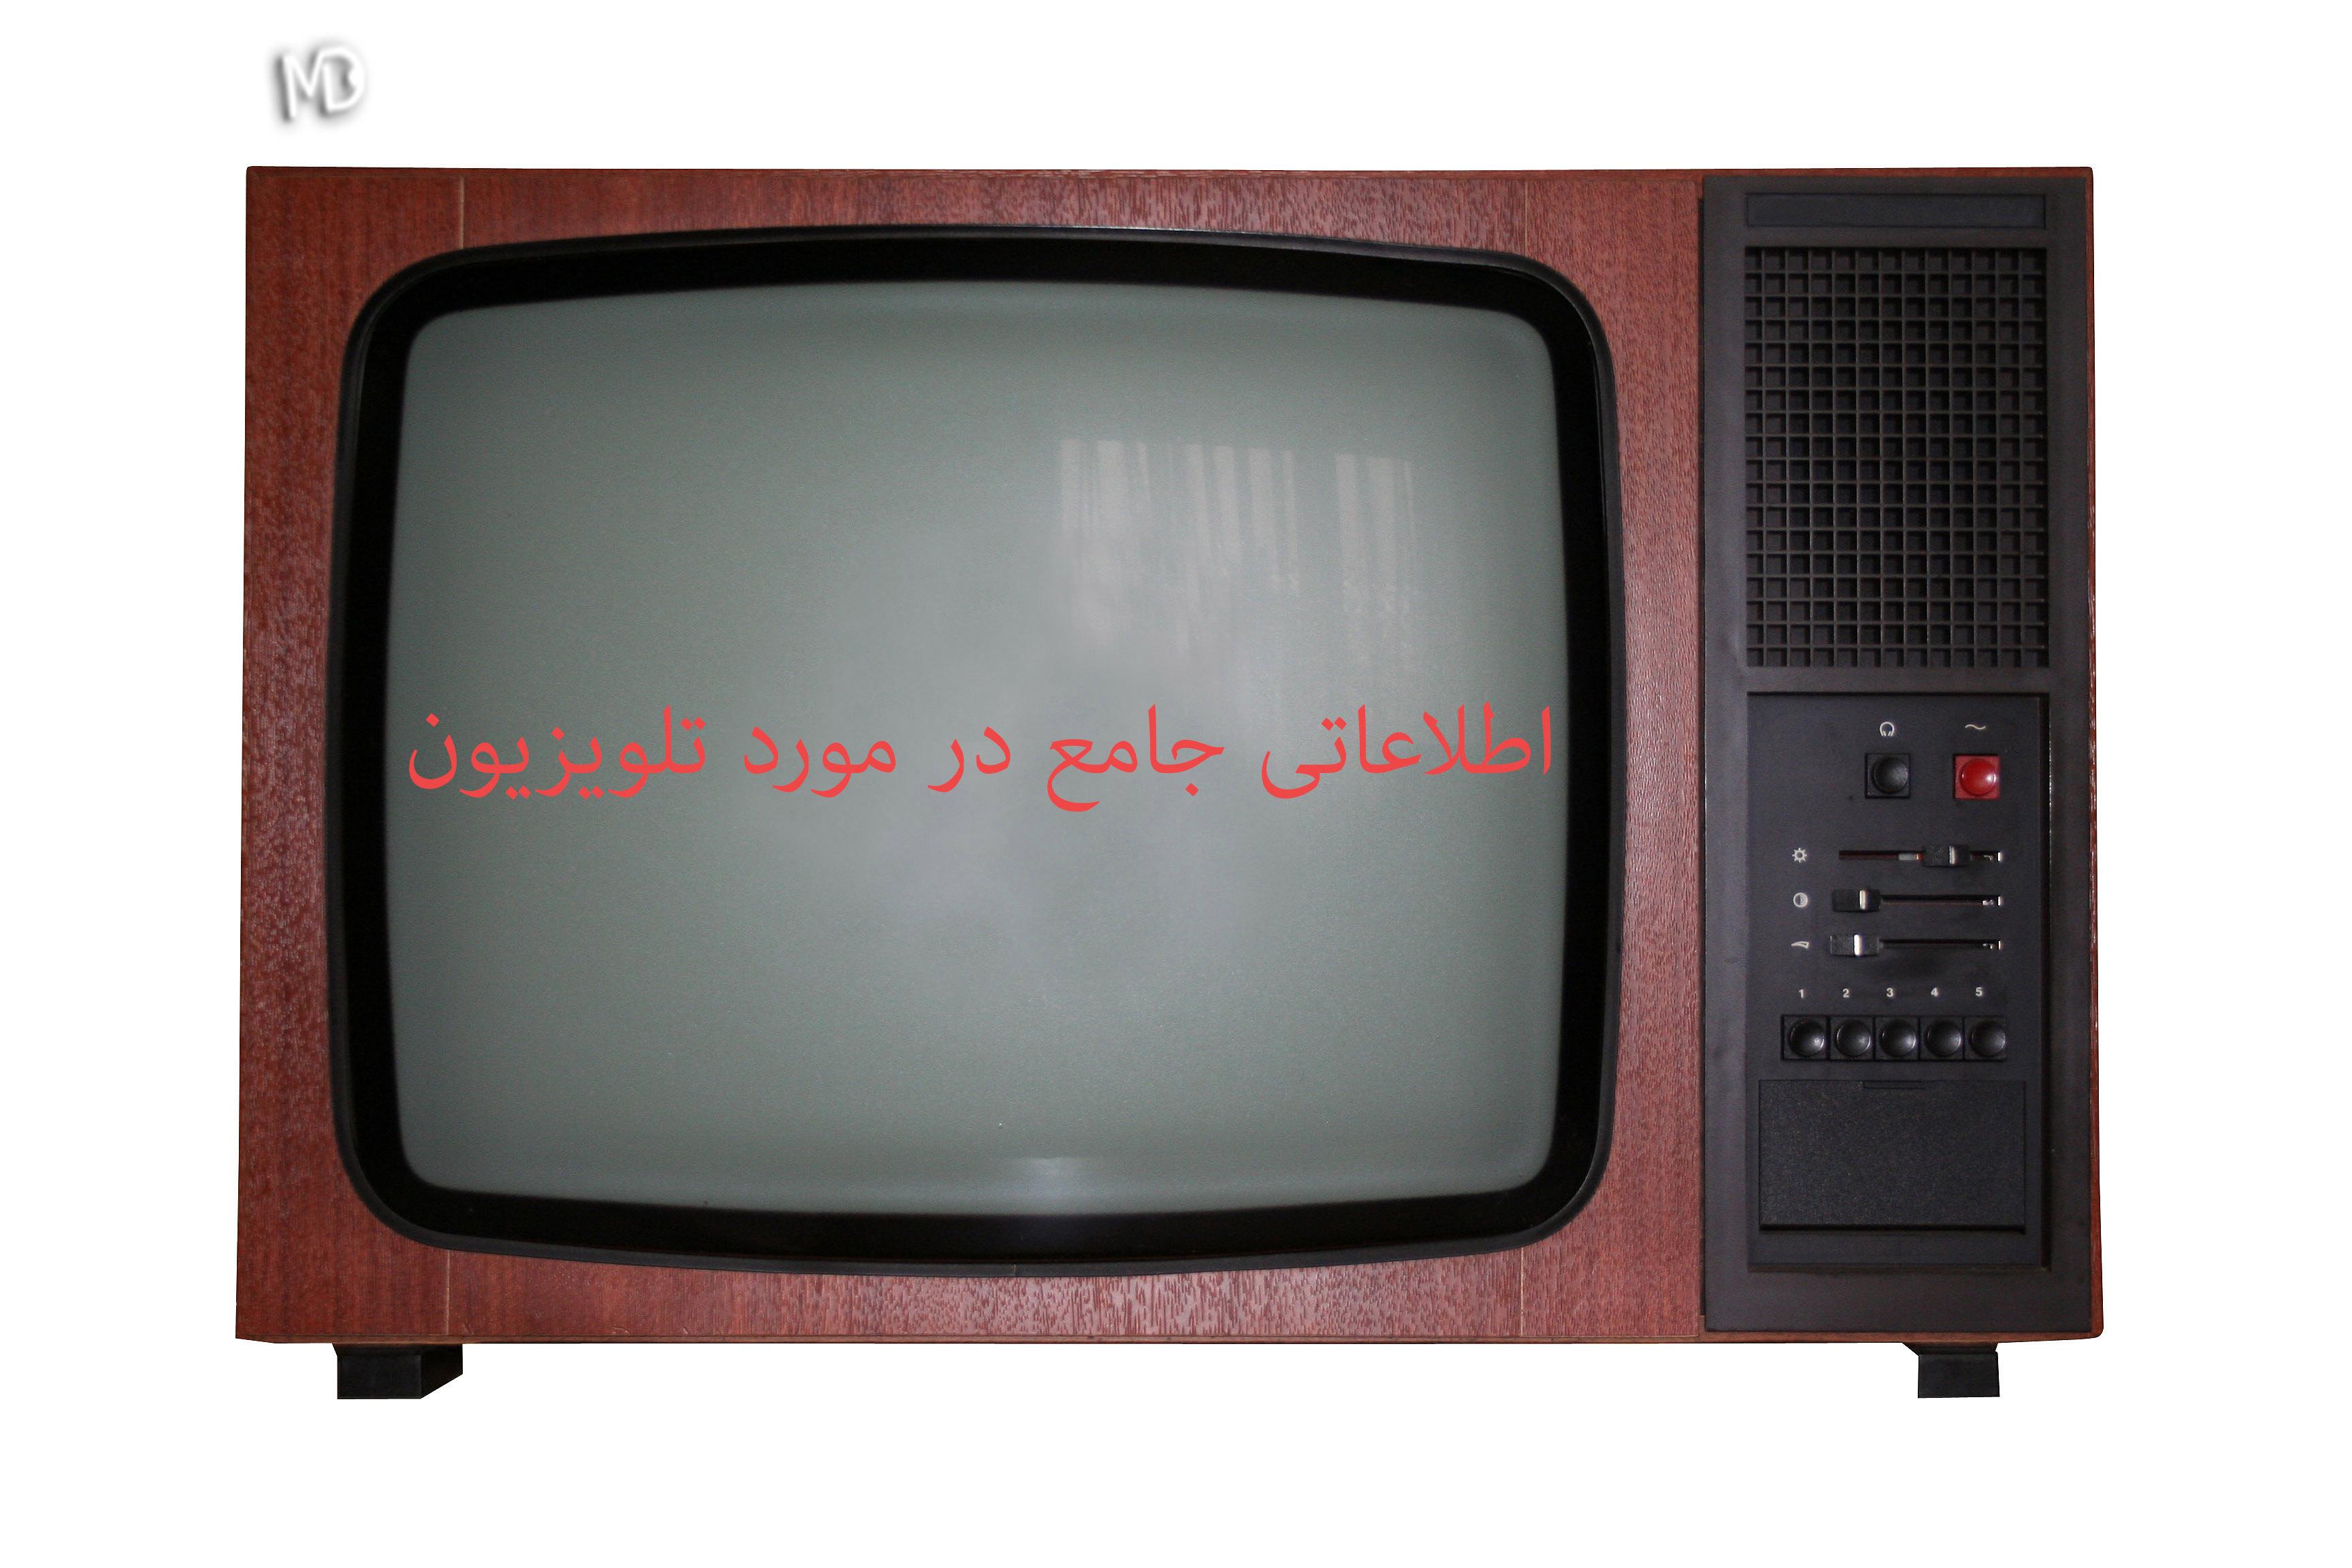 tvaddict1 11 دانلود کتاب همه چیز در مورد تلوزیون